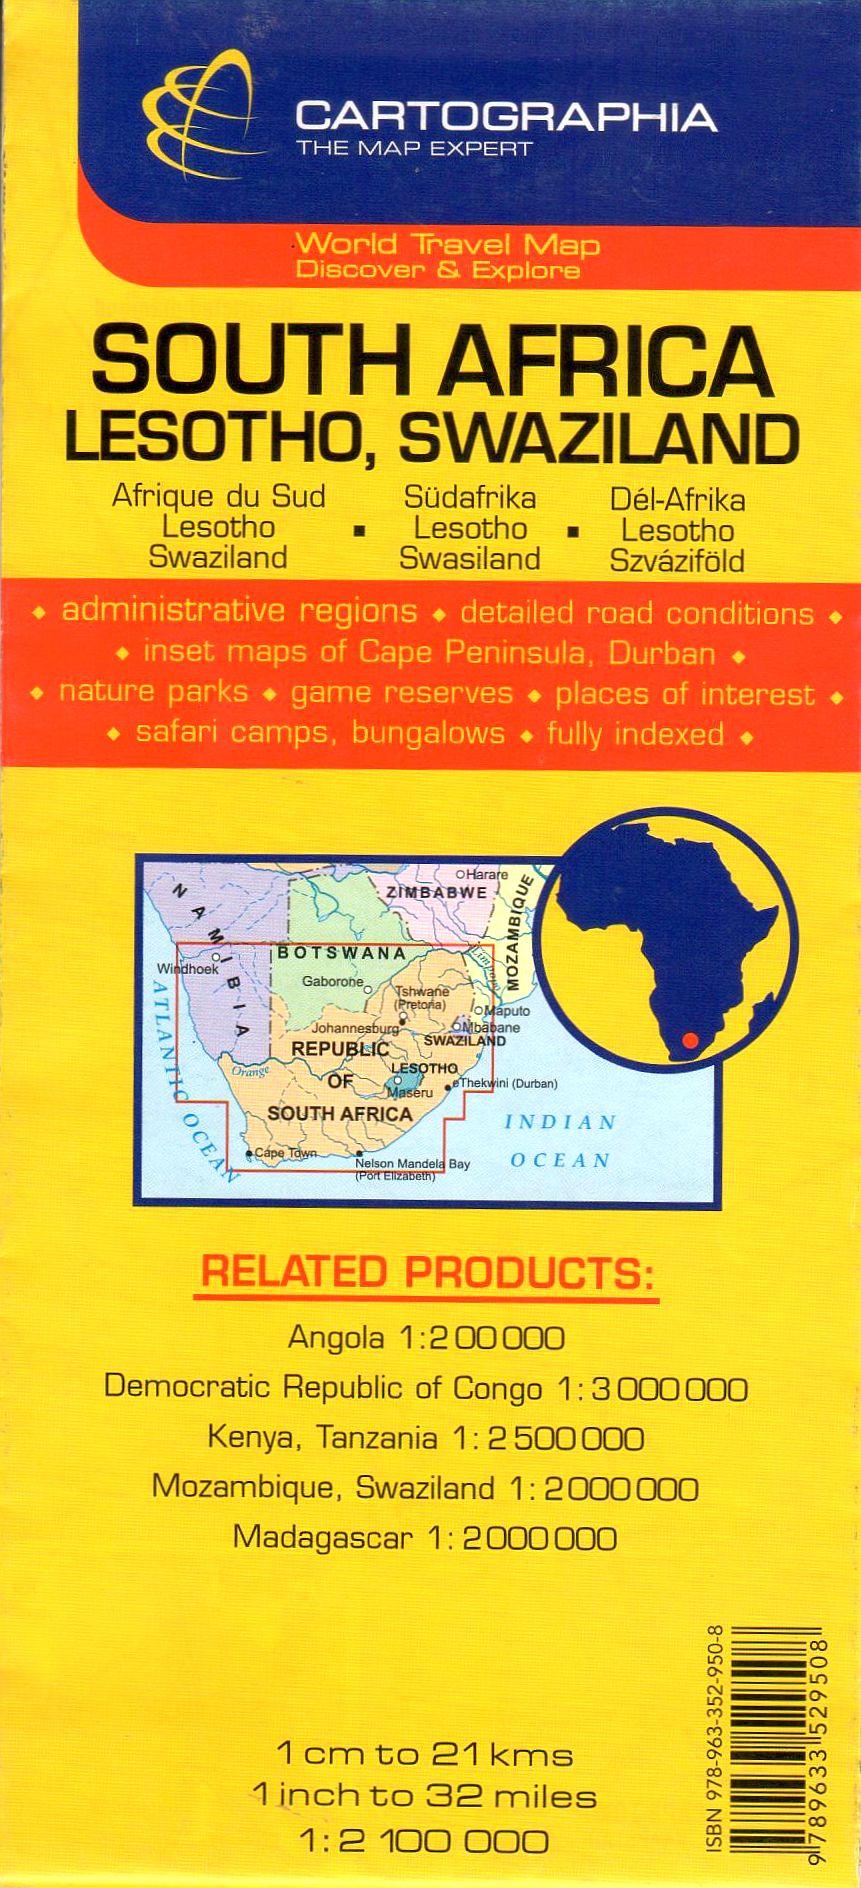 A Dél-Afrika, Lesotho, Zsváziföld térkép által lefedett terület